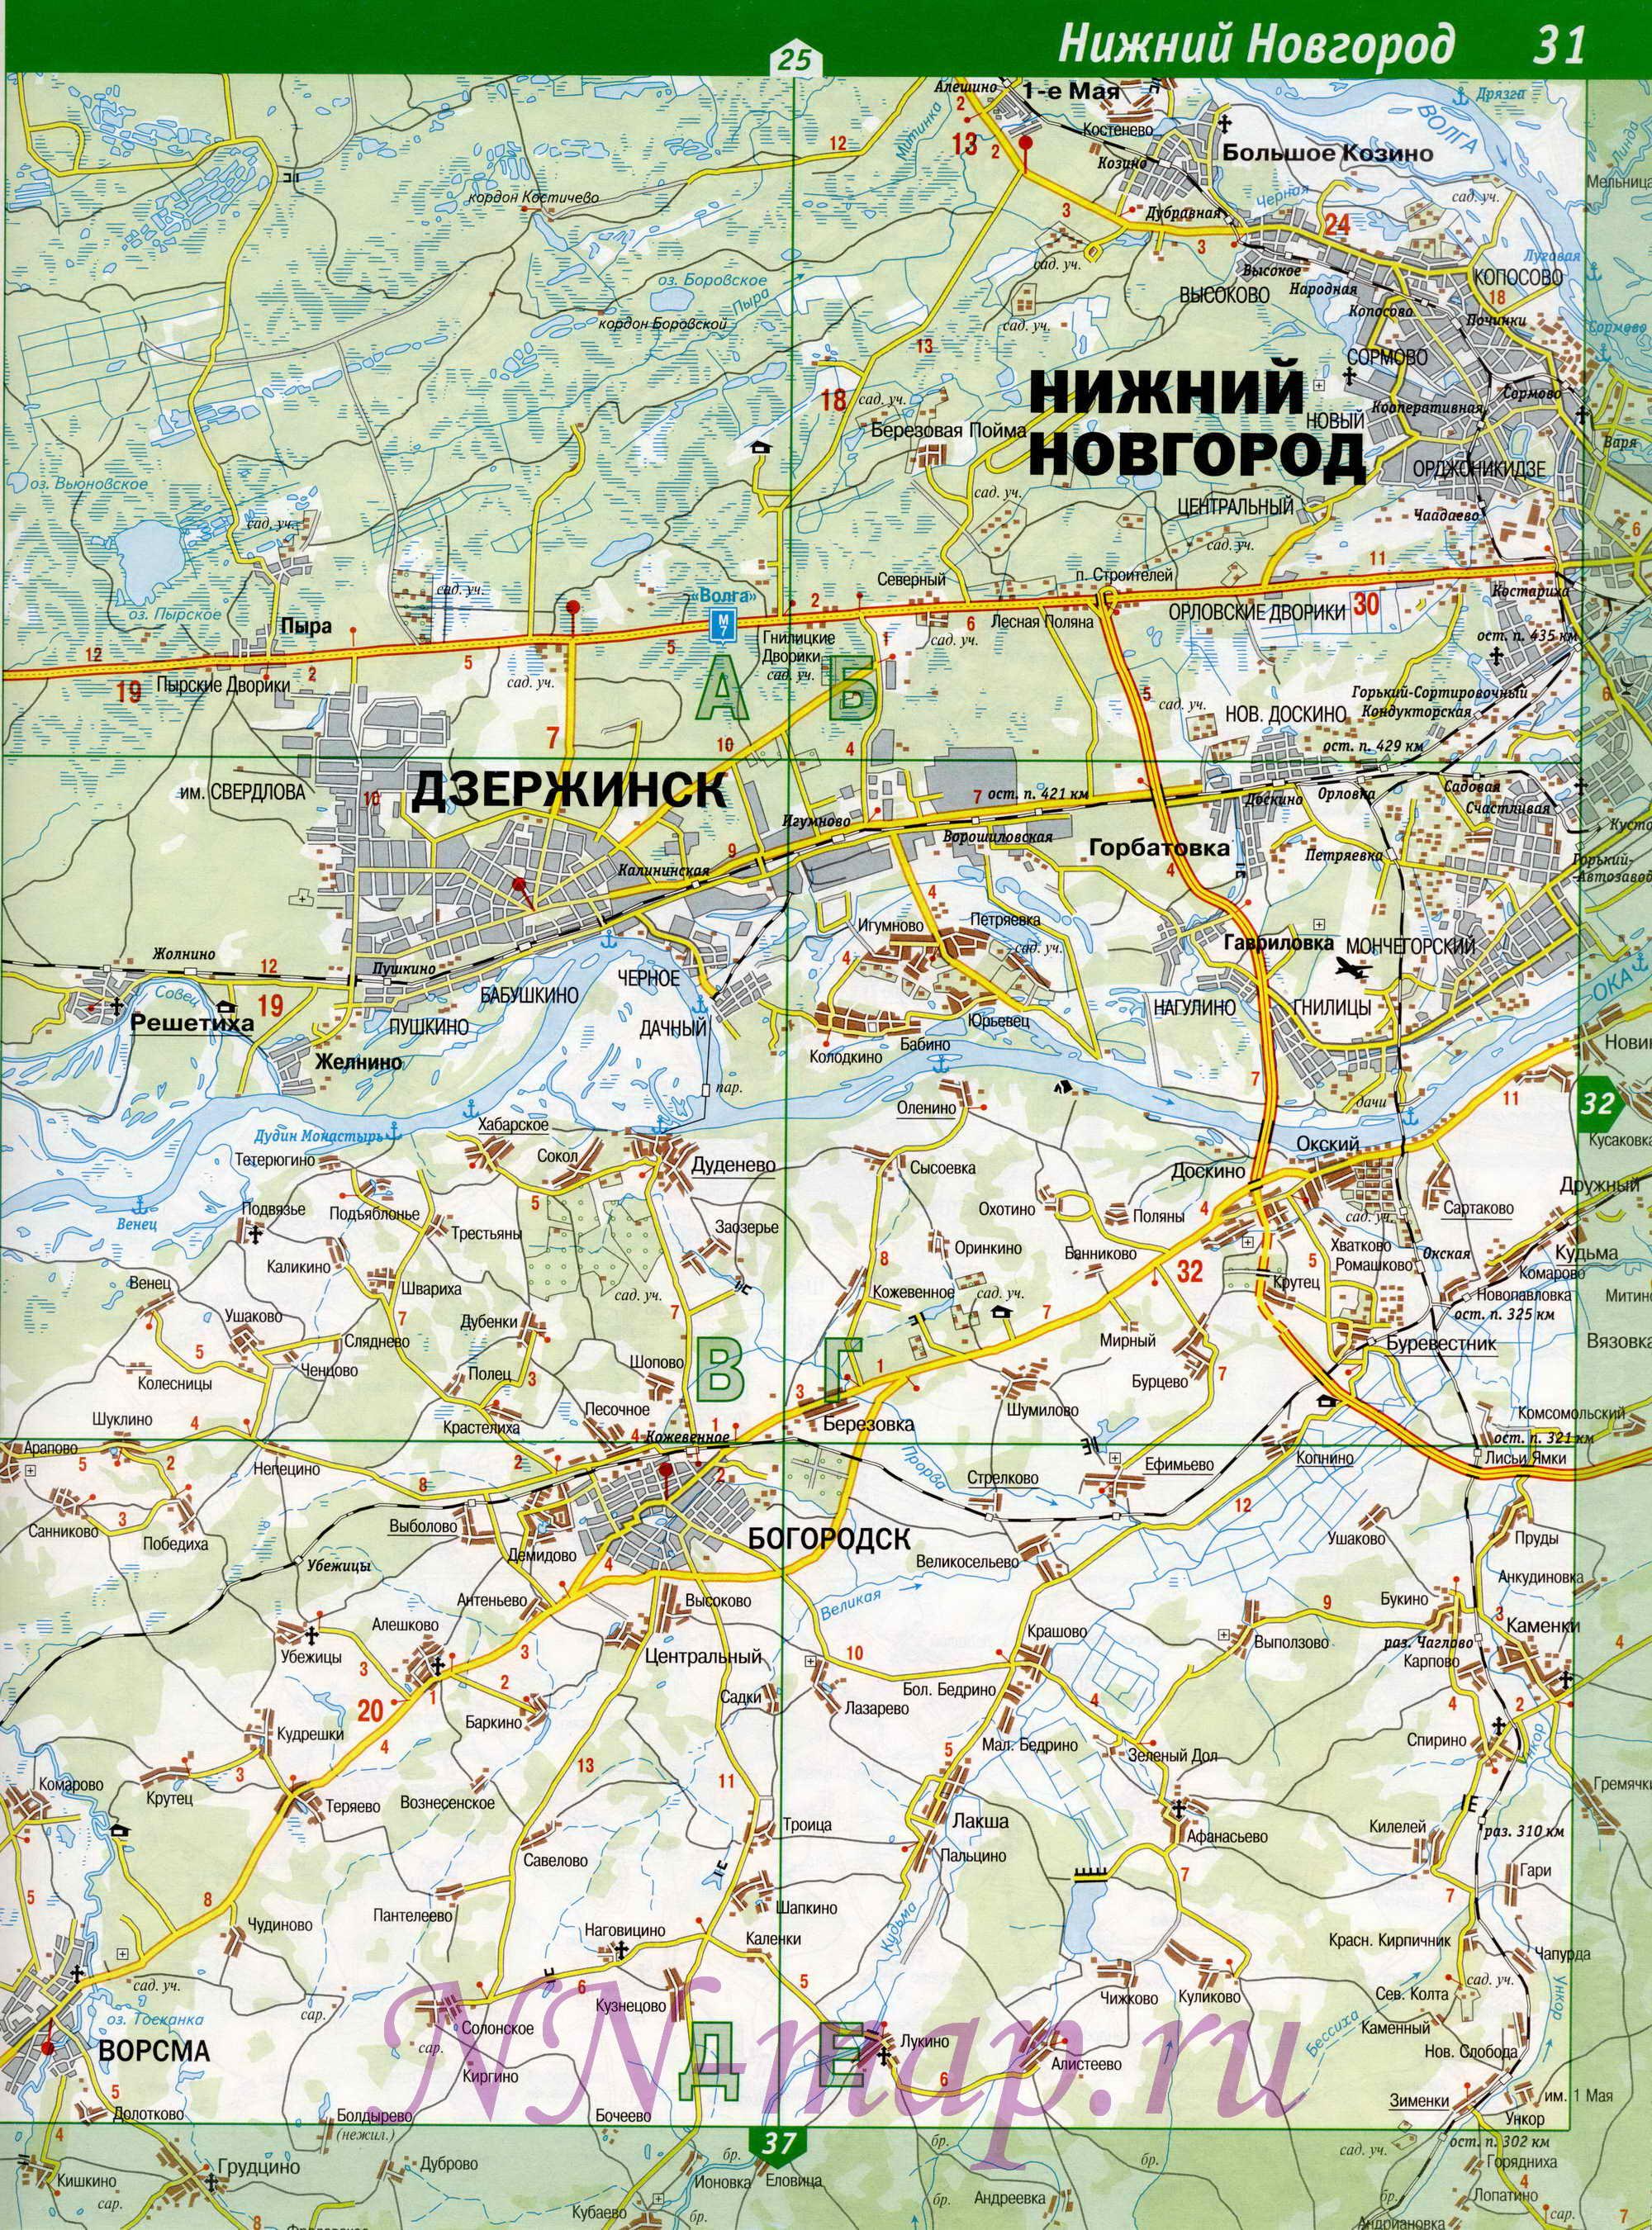 Карта Богородского района.  Подробная карта автодорог Нижегородской области - Богородский р-он.